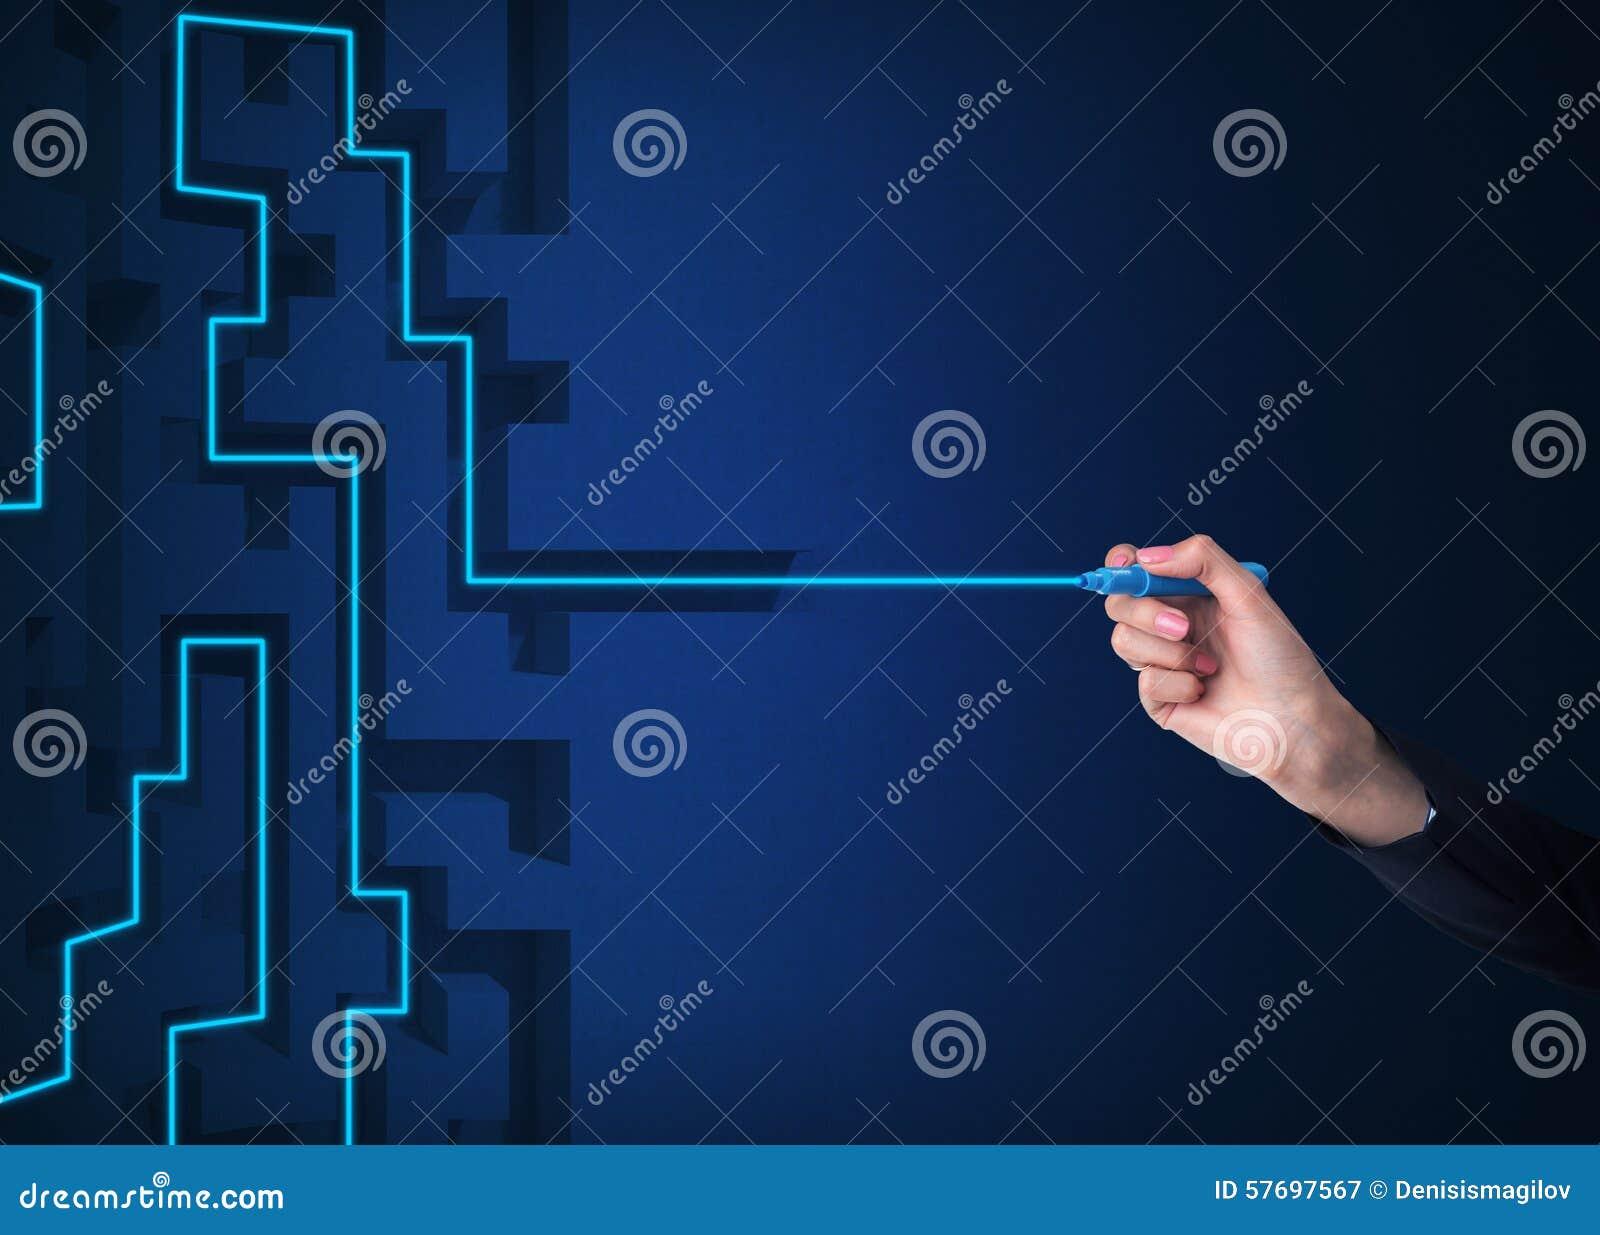 Uma mão está tirando uma linha como uma solução do labirinto